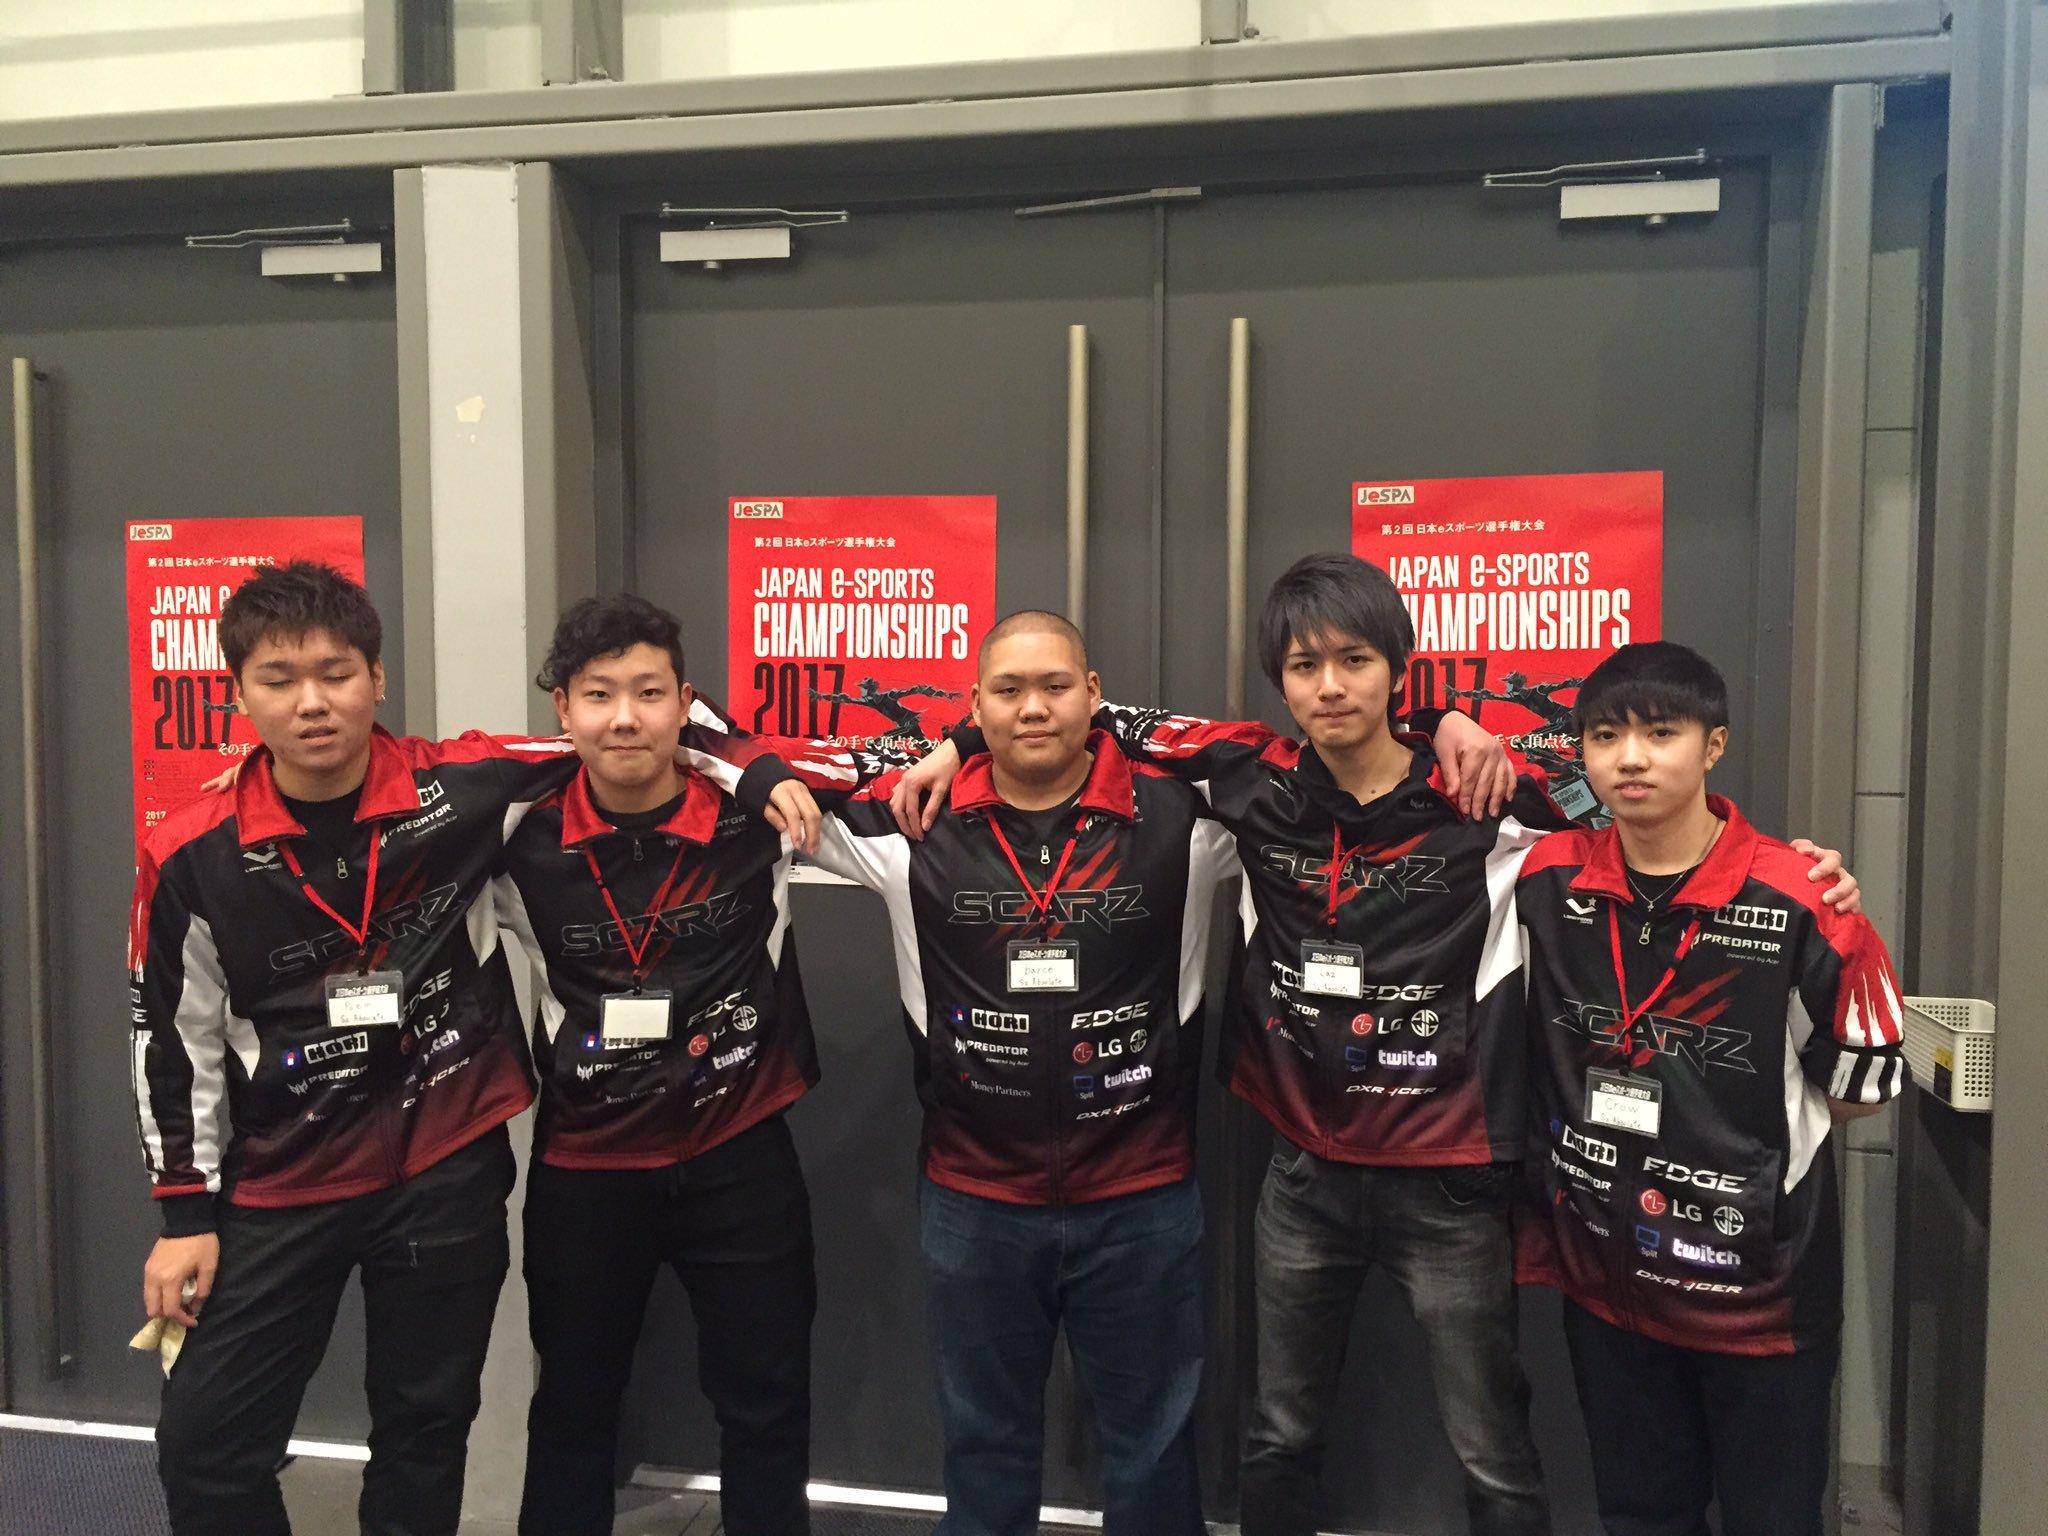 sz-absolute-équipe-japonaise